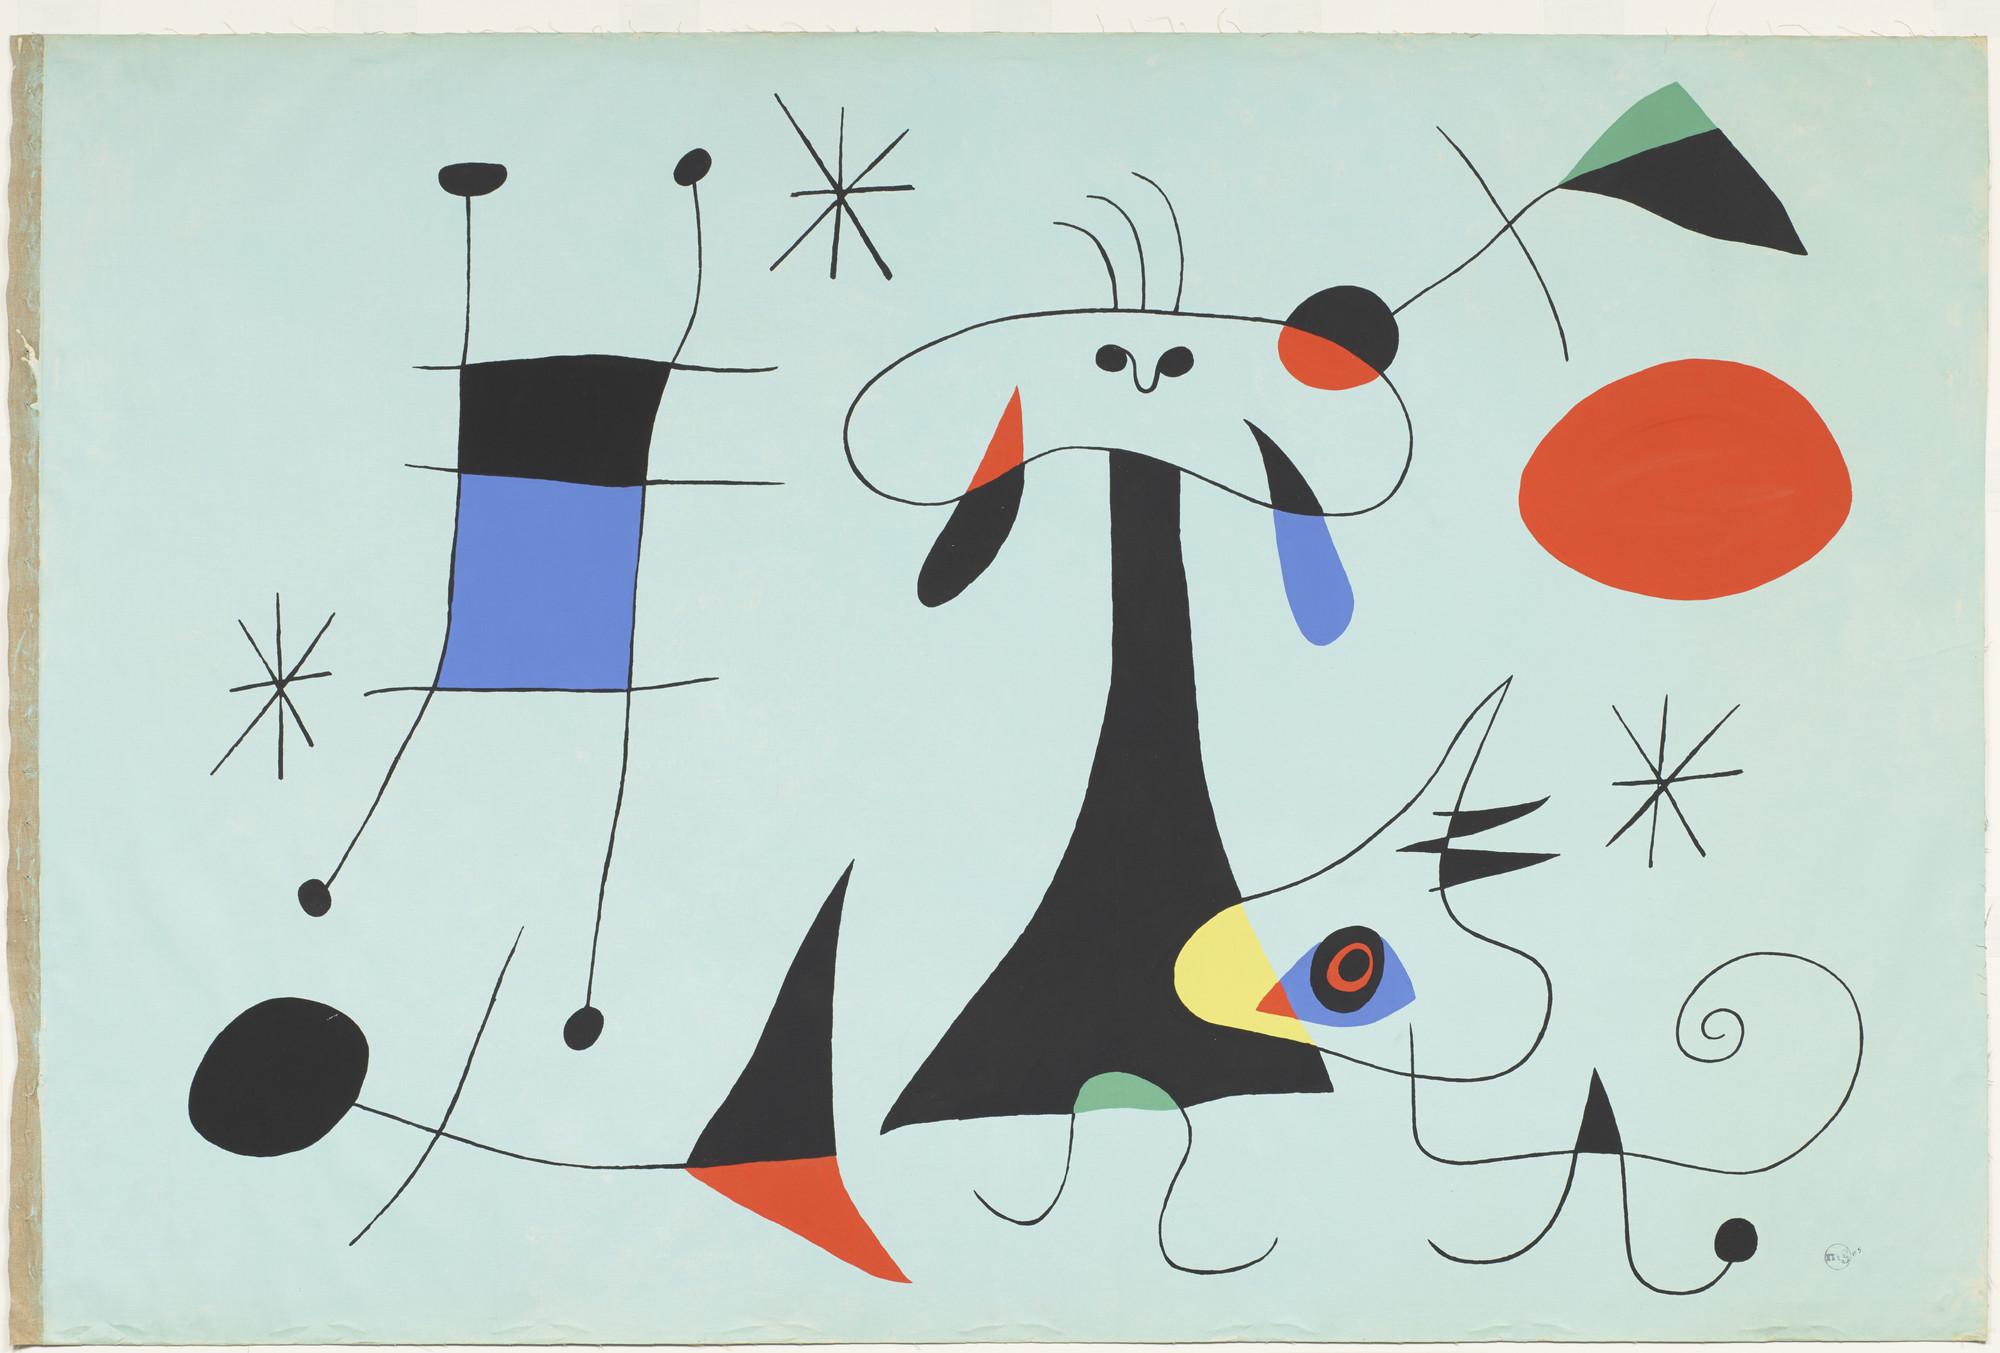 Joan Miró. The Sun (El Sol). 1949 | MoMA